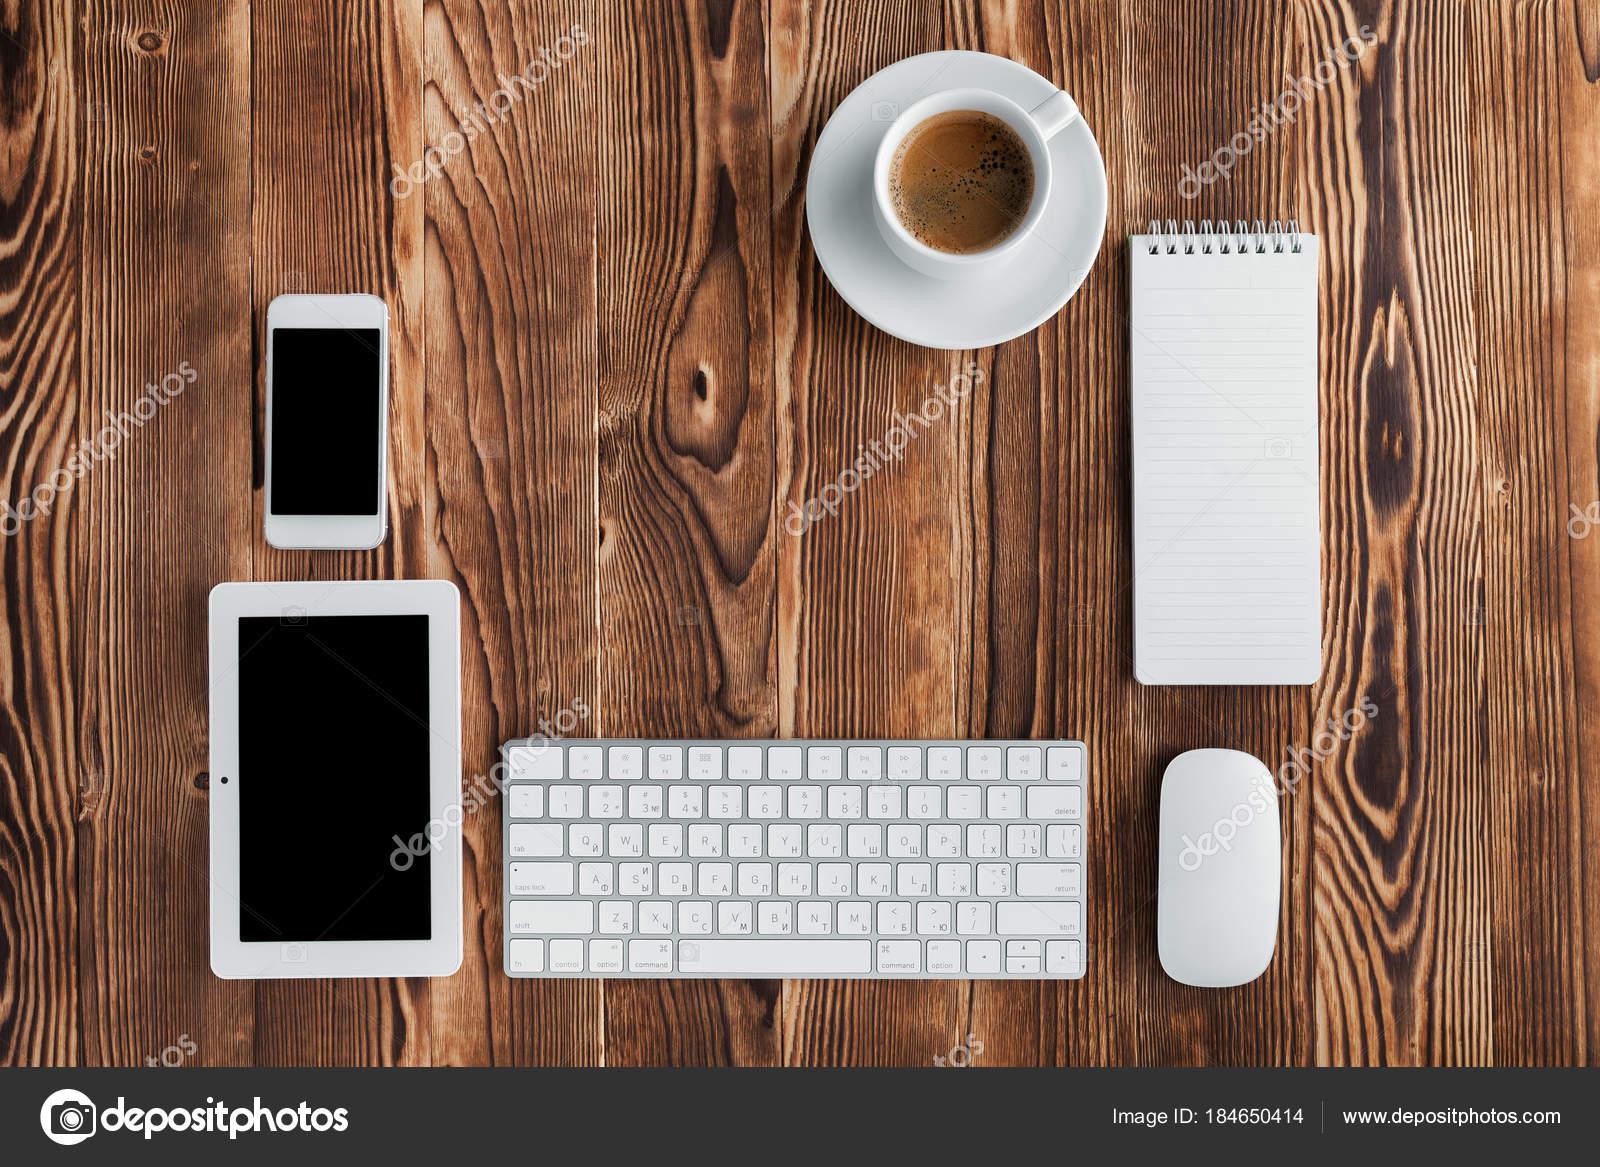 Clavier ordinateur smartphone tablette café isolé sur bureau bois